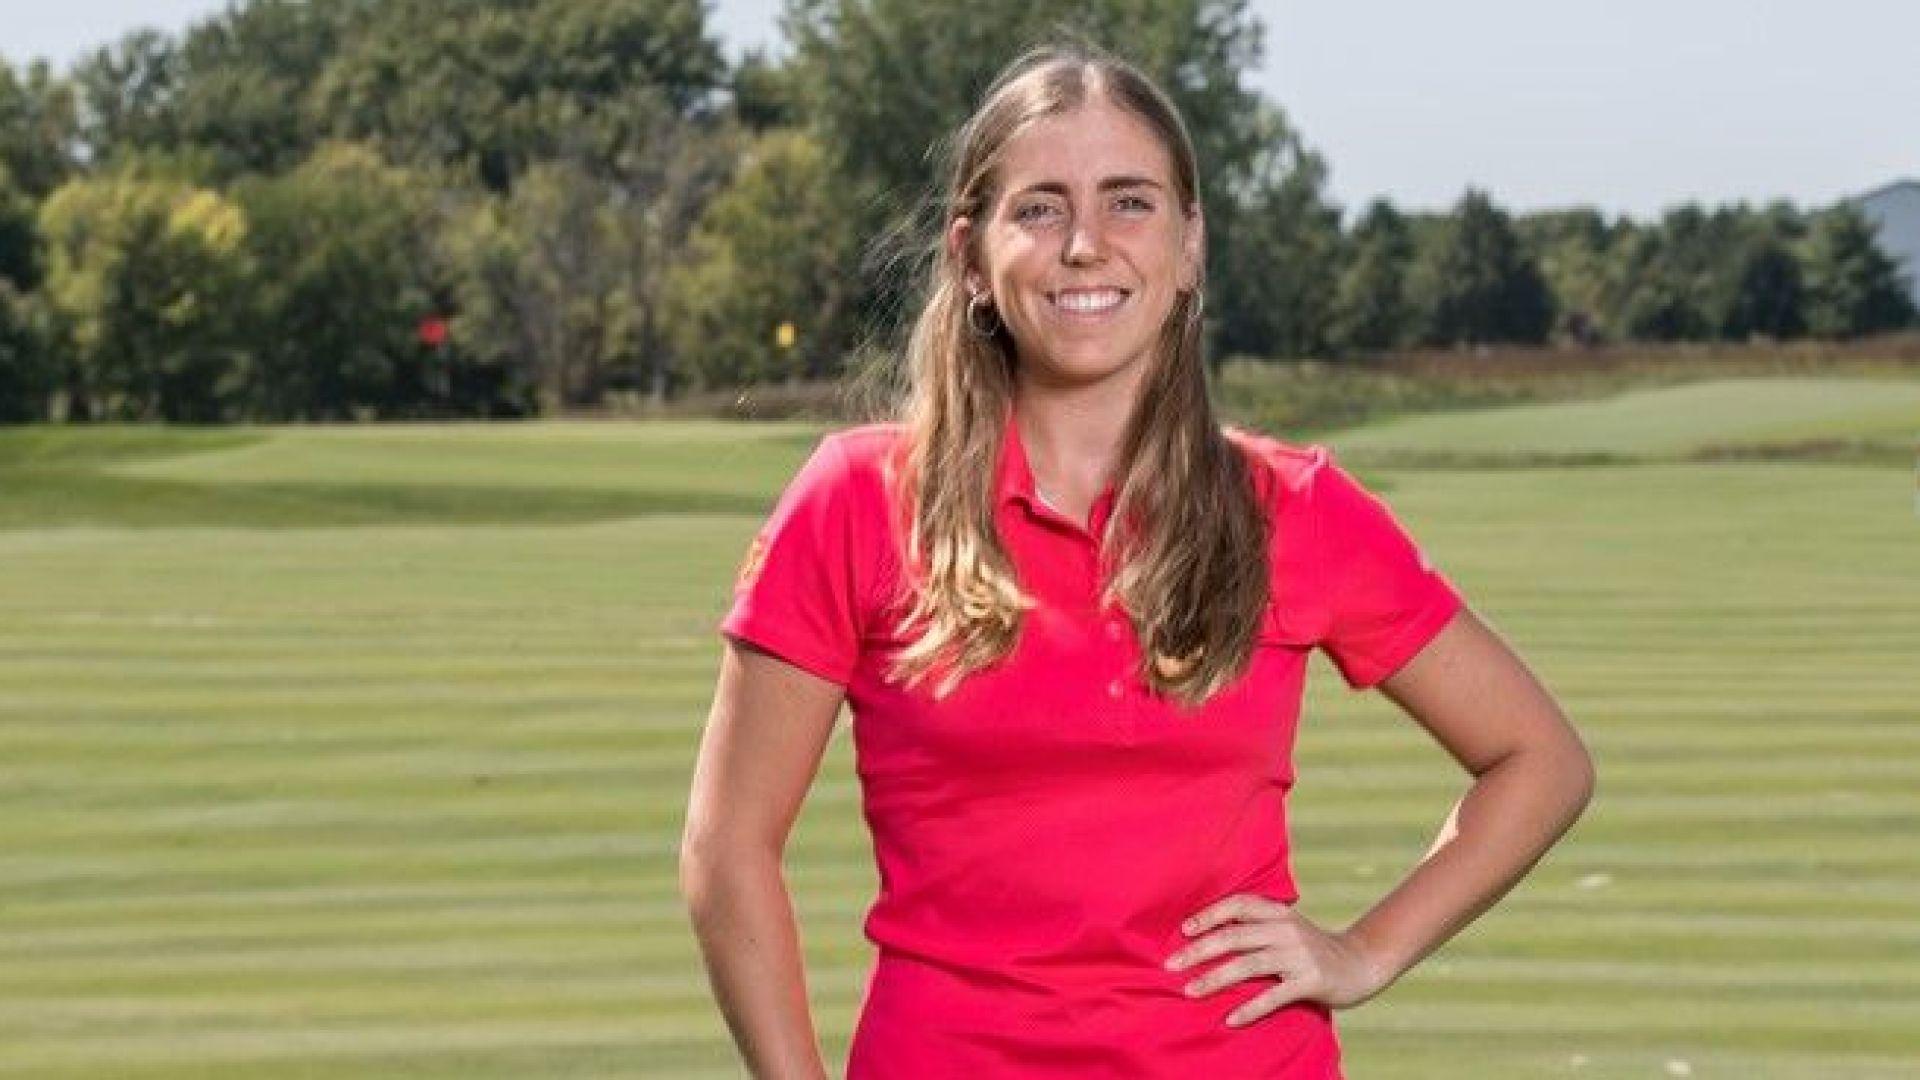 Убиха шампионка по голф на игрище в САЩ